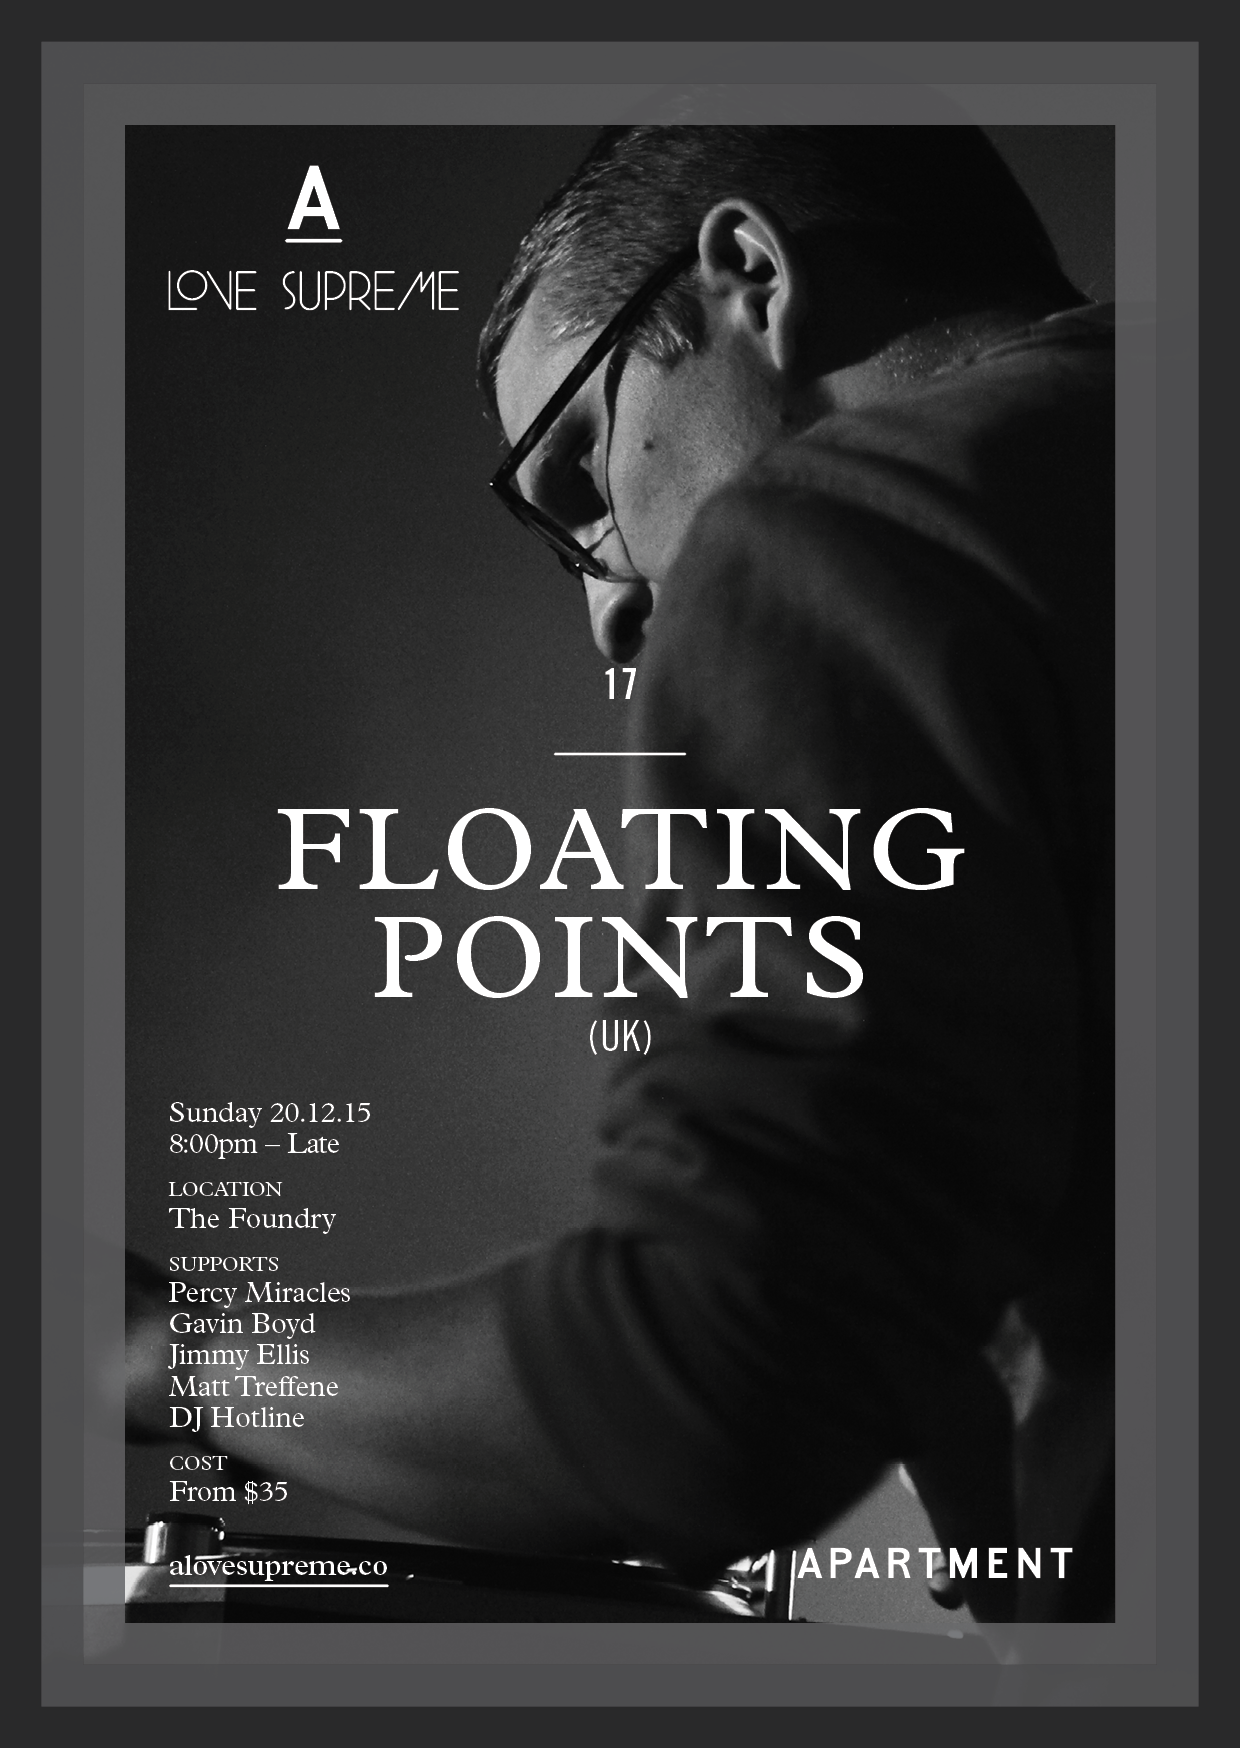 ALS-alovesupreme-17-floating-points-postcard-press-.png